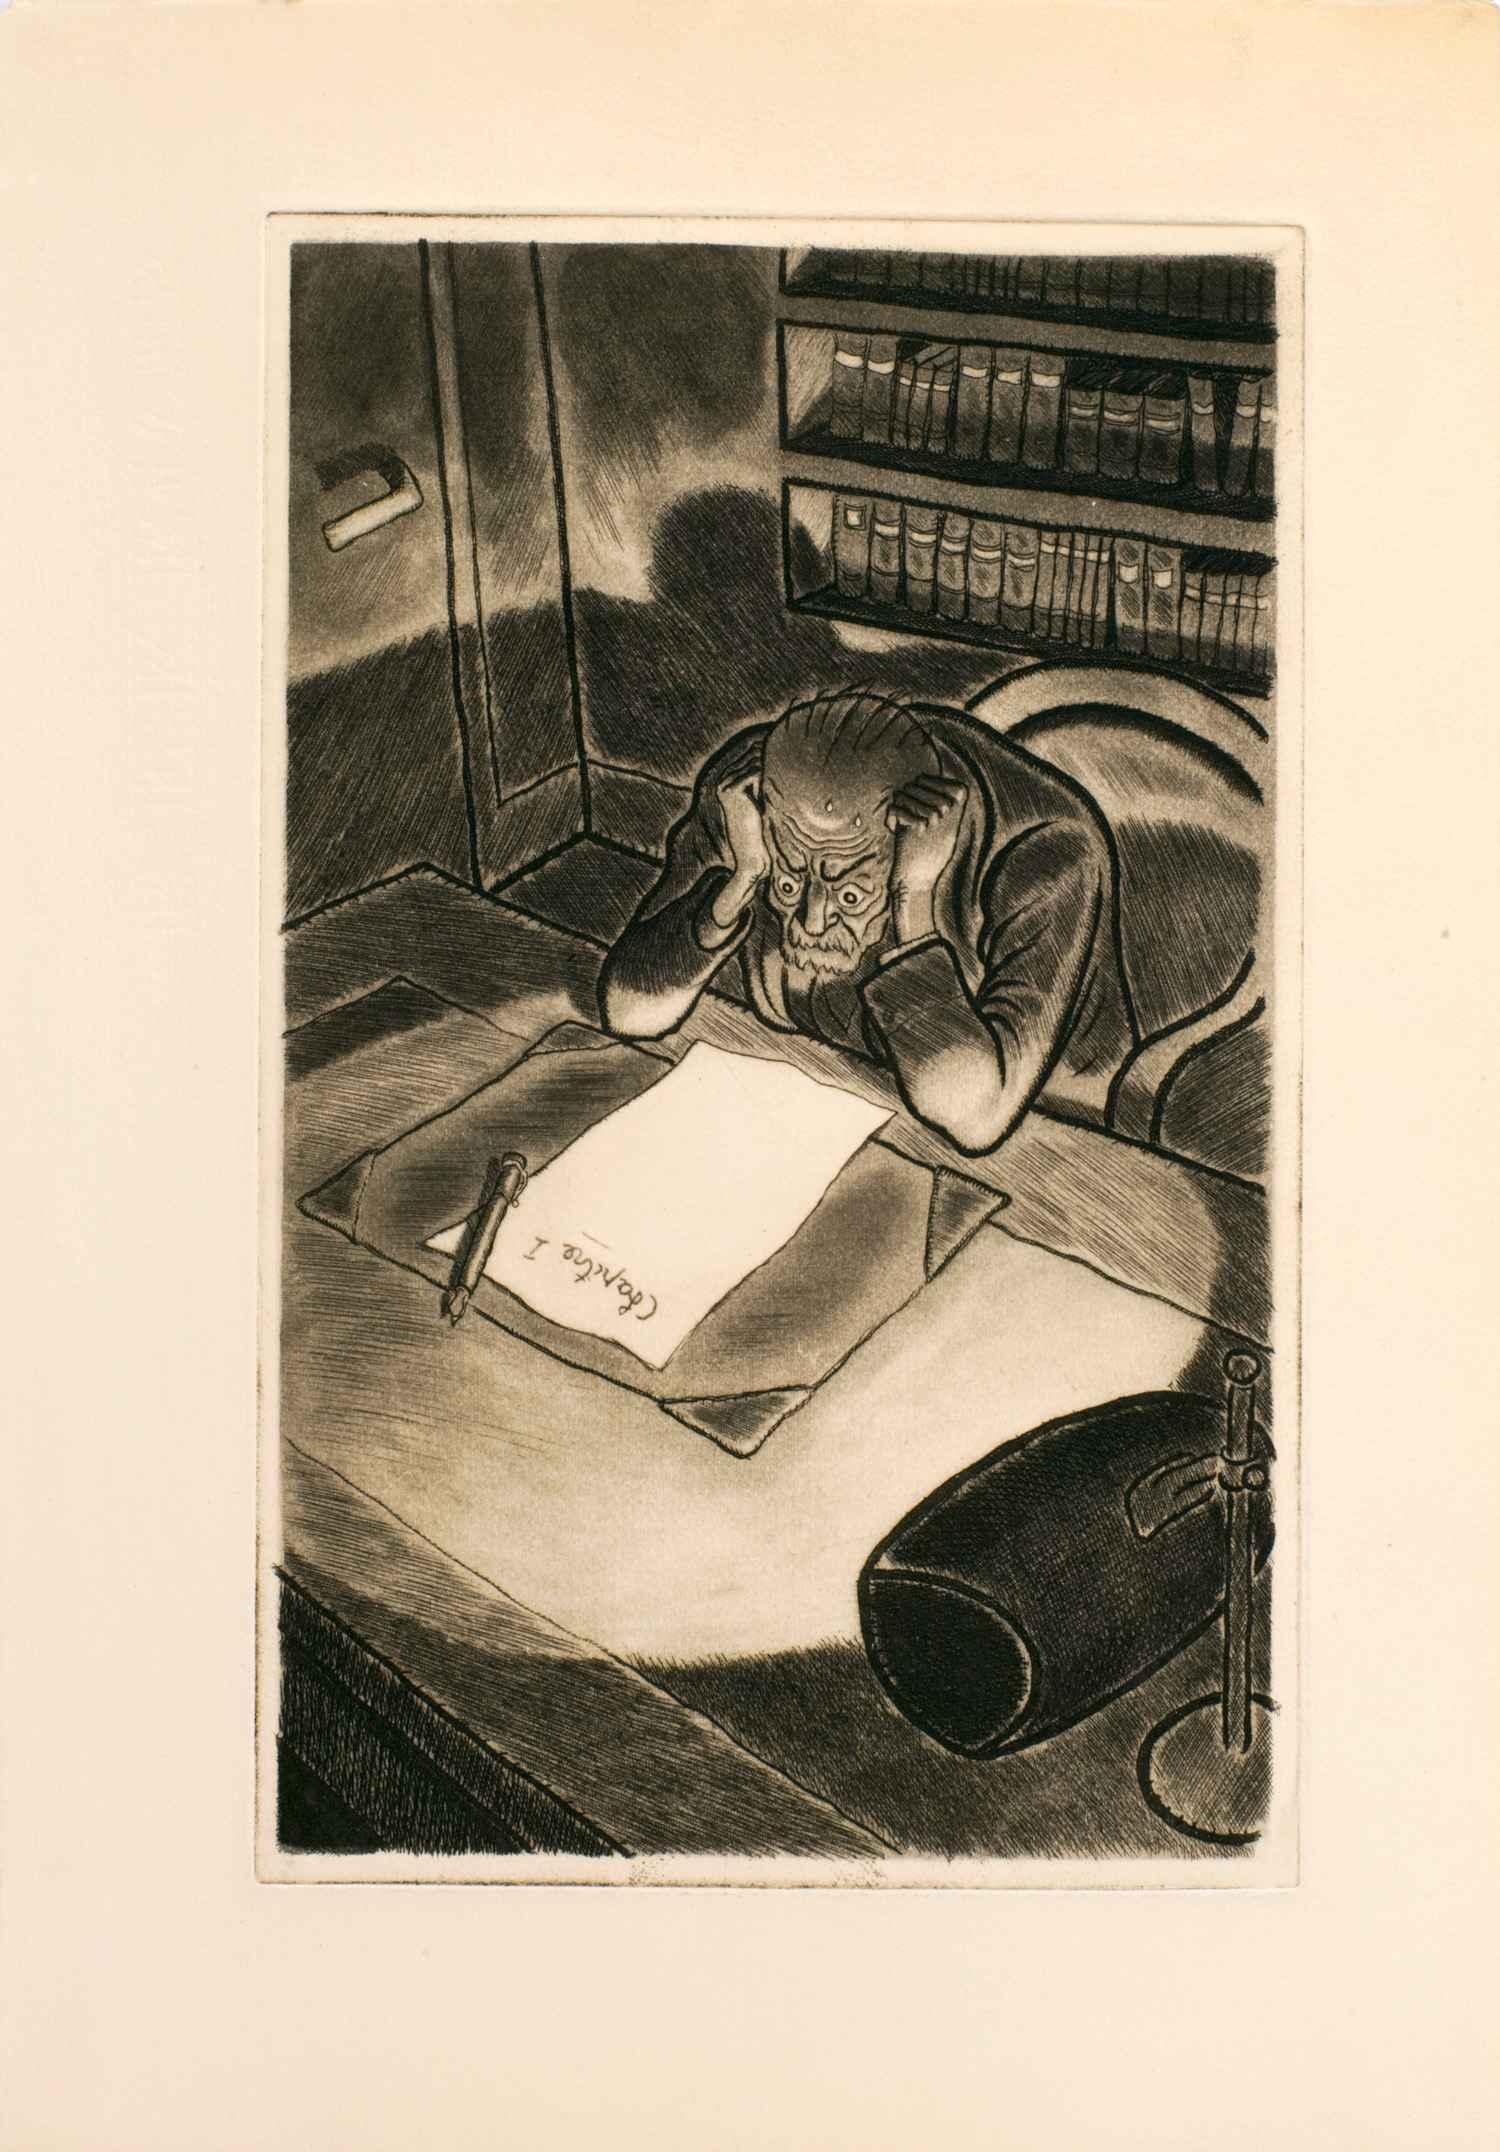 Silences | Silences | Jean Bruller - 8 estampes dessinées gravées imprimées et coloriées à la main